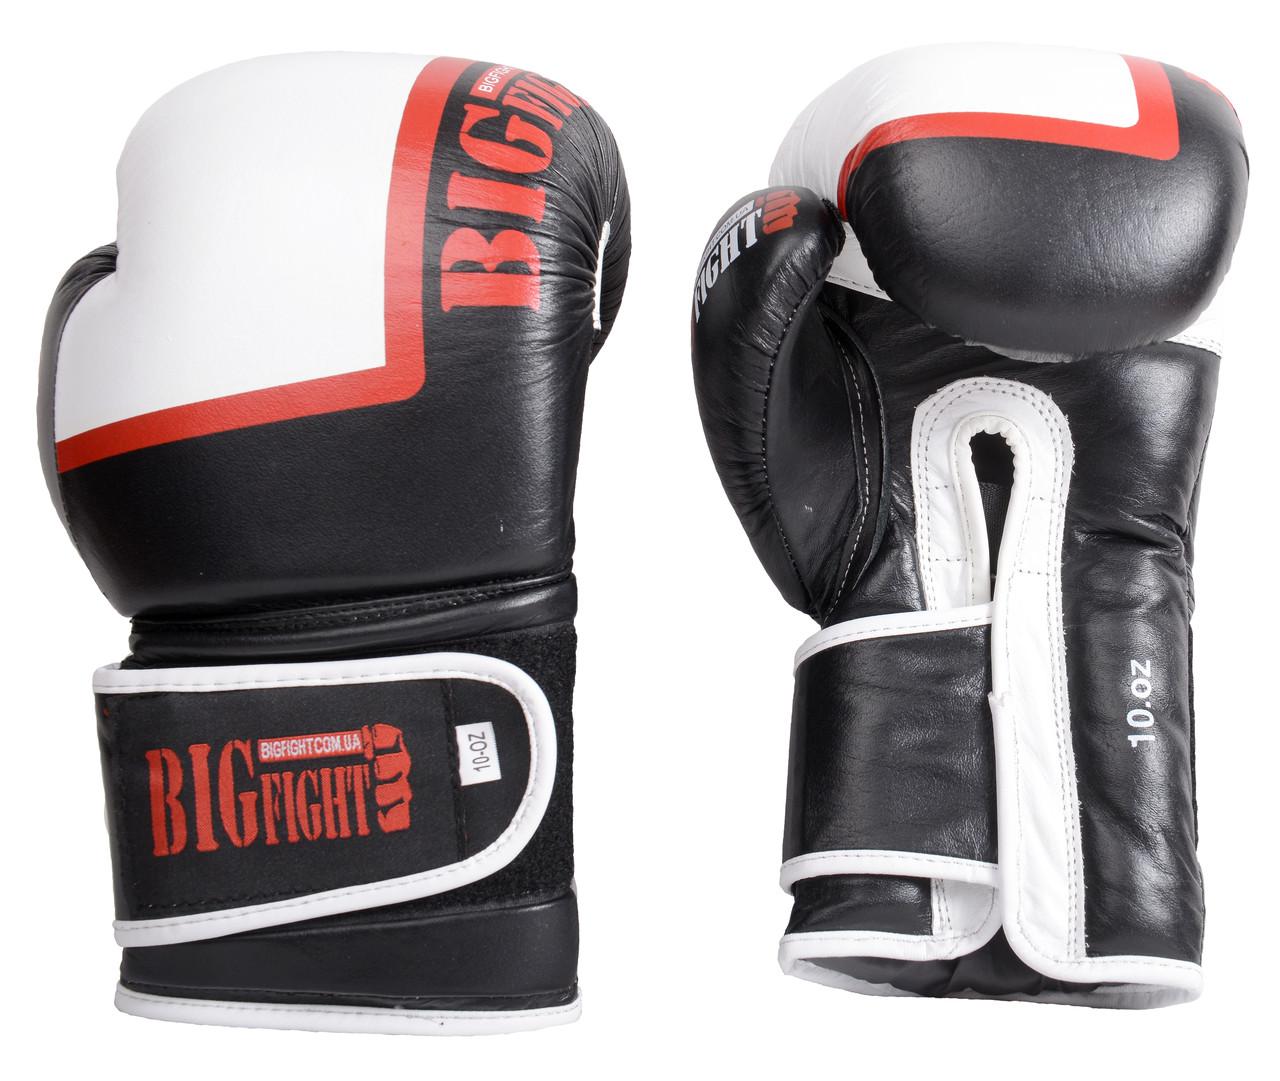 Боксерские перчатки Bigfight 12 унций, черно-белые